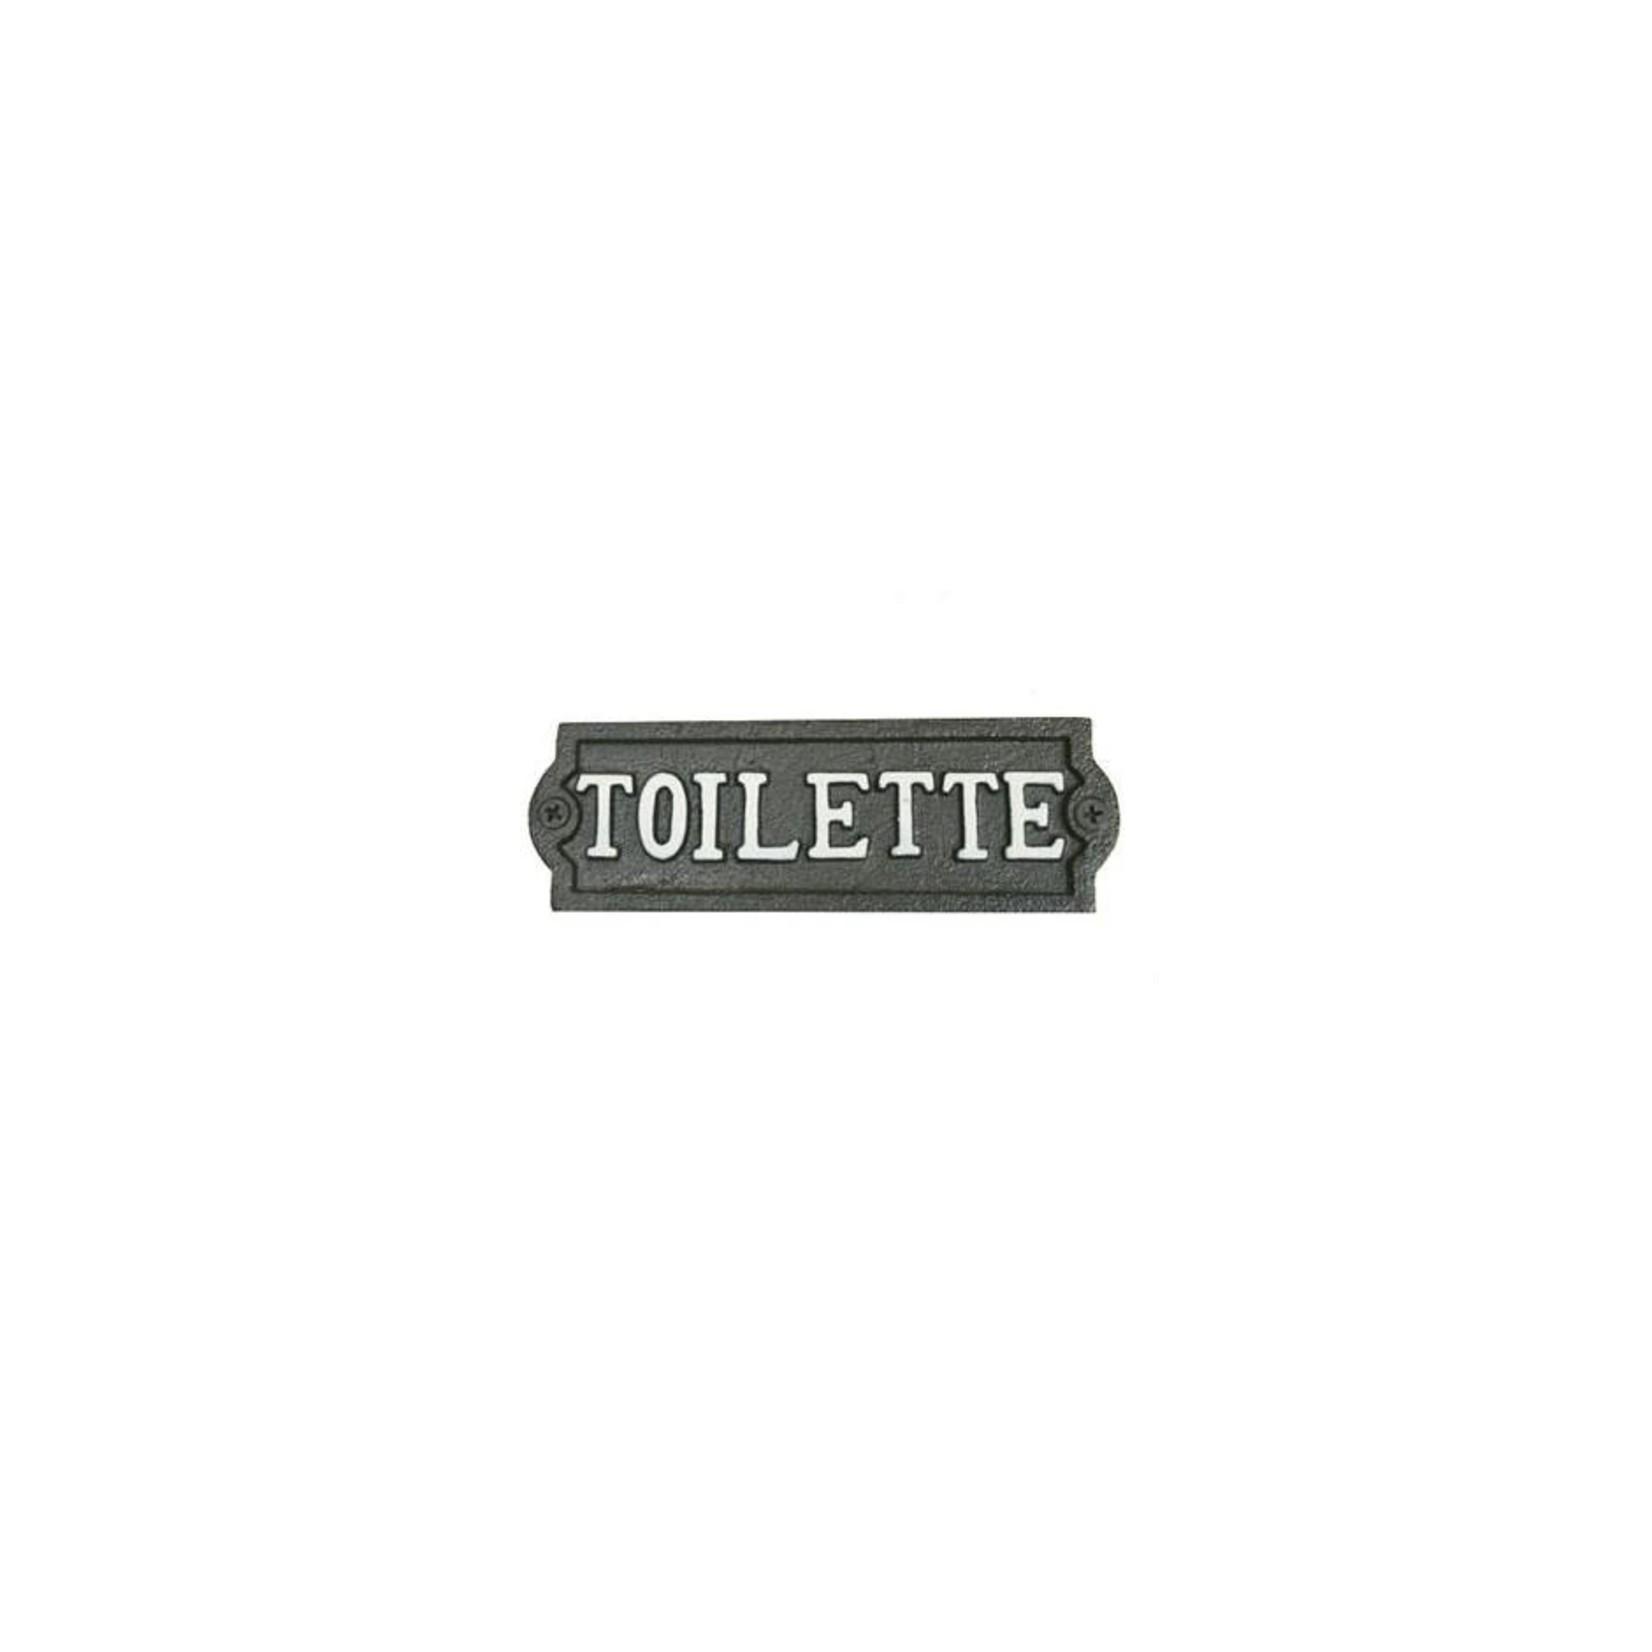 Toilette - Cast Iron Sign